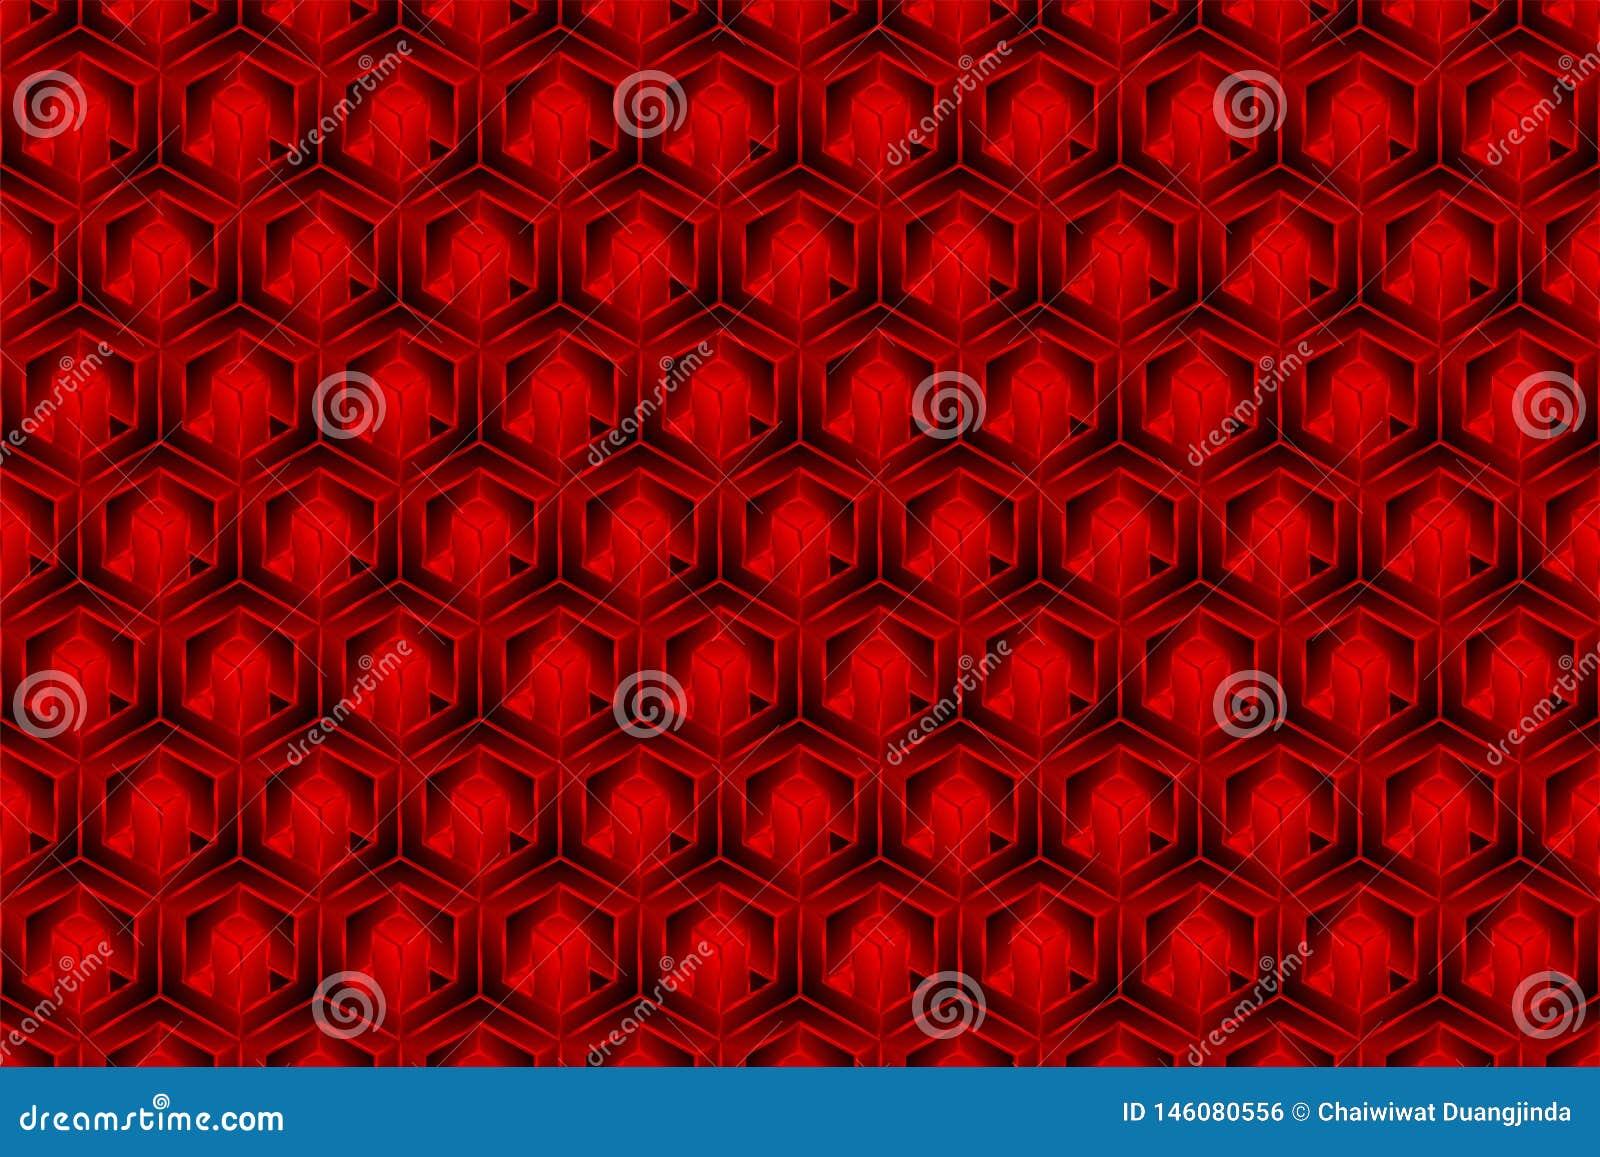 El color rojo de la caja 3d es un modelo como fondo abstracto